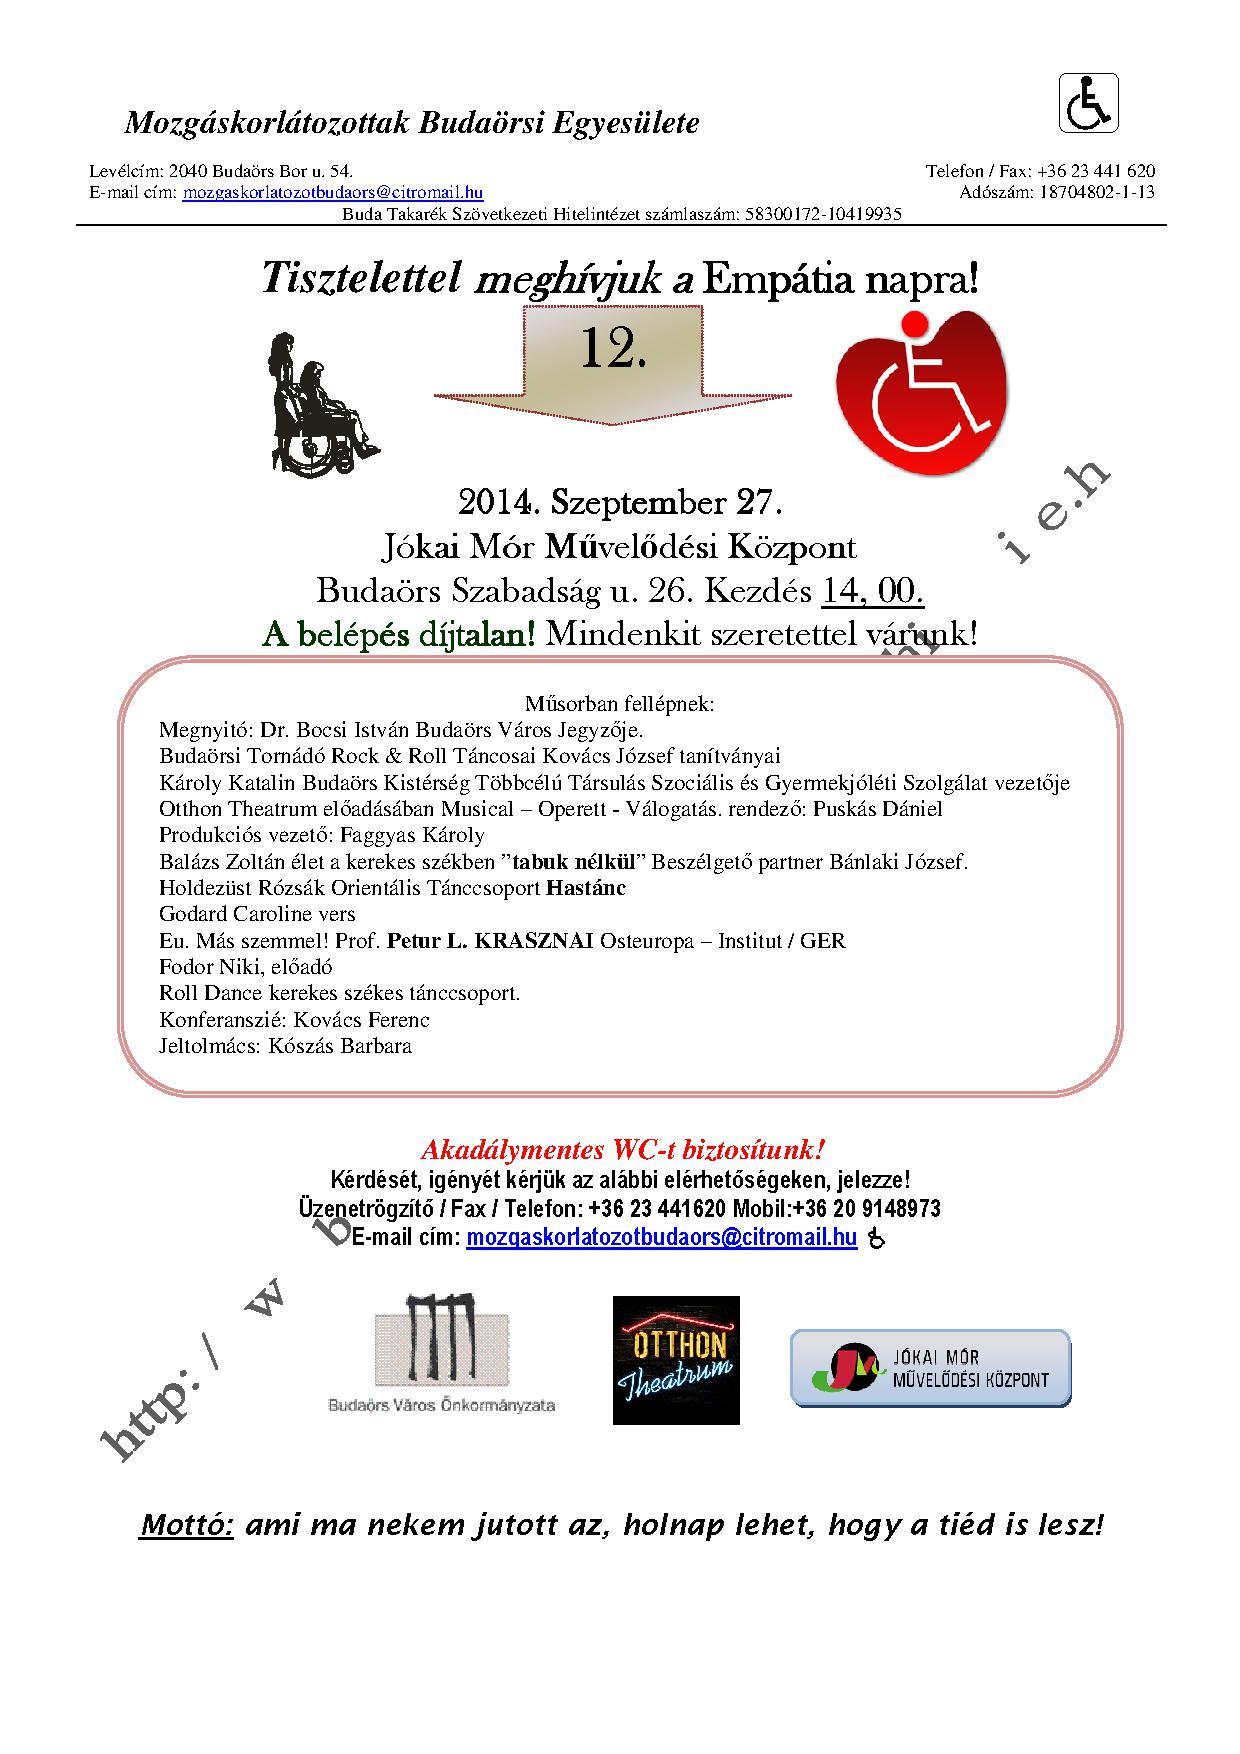 Emepátia meghívó plakát2014